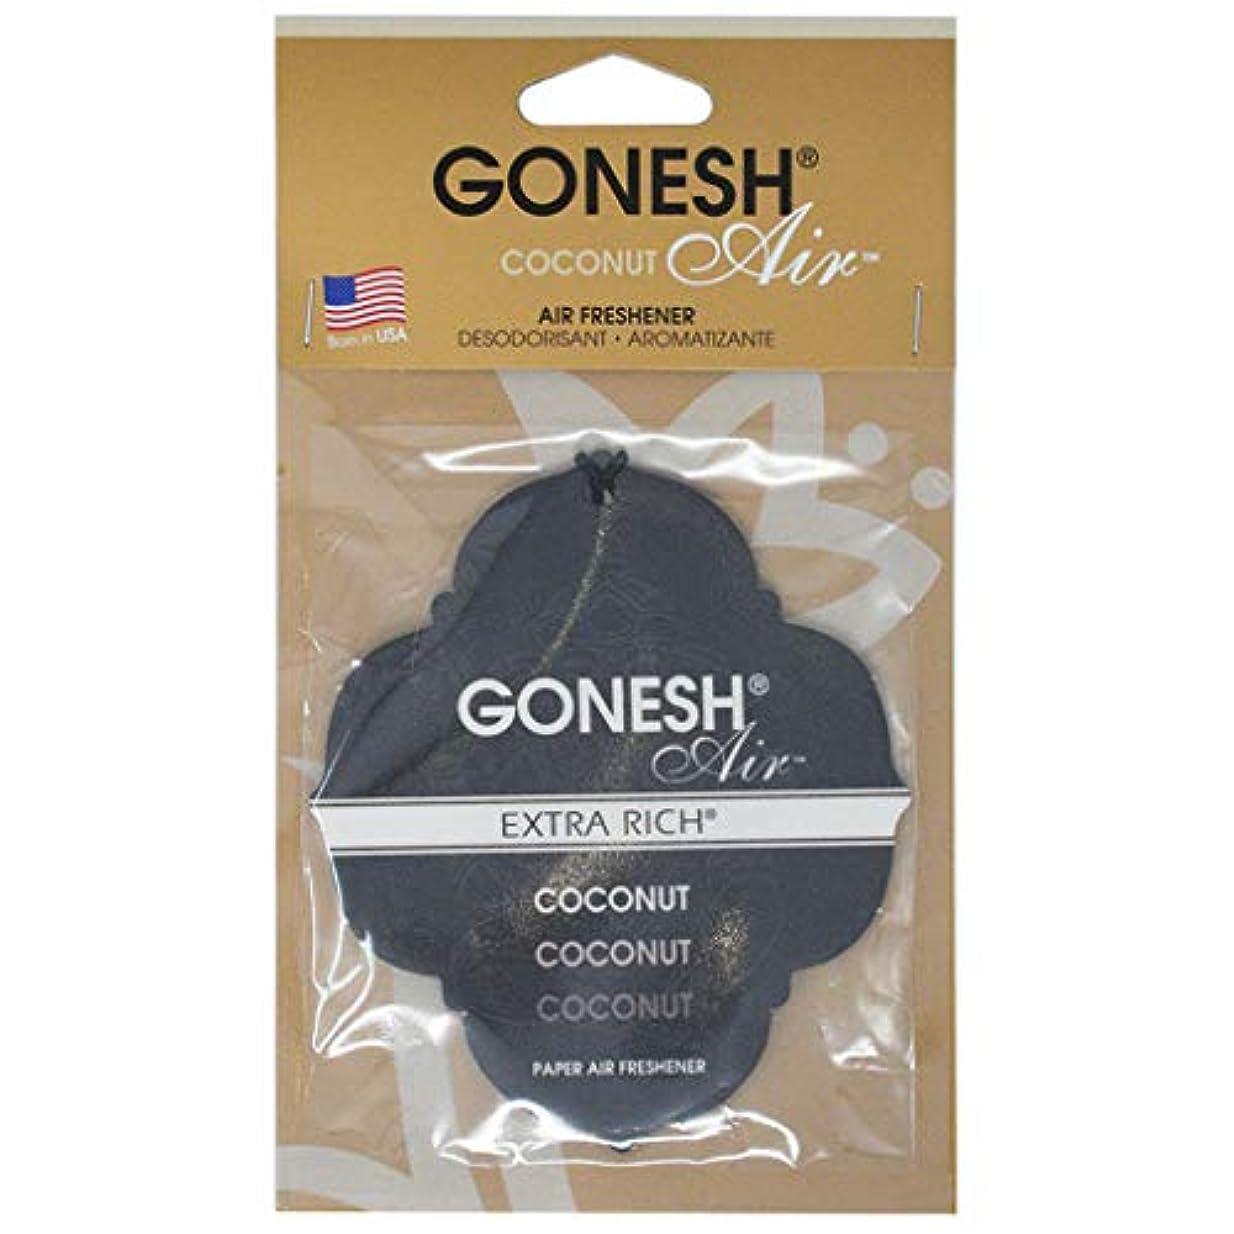 提案する驚きゲージGONESH(ガーネッシュ) GONESHペ-パ-エアフレッシュナ-Coconut 96mm×3mm×170mm